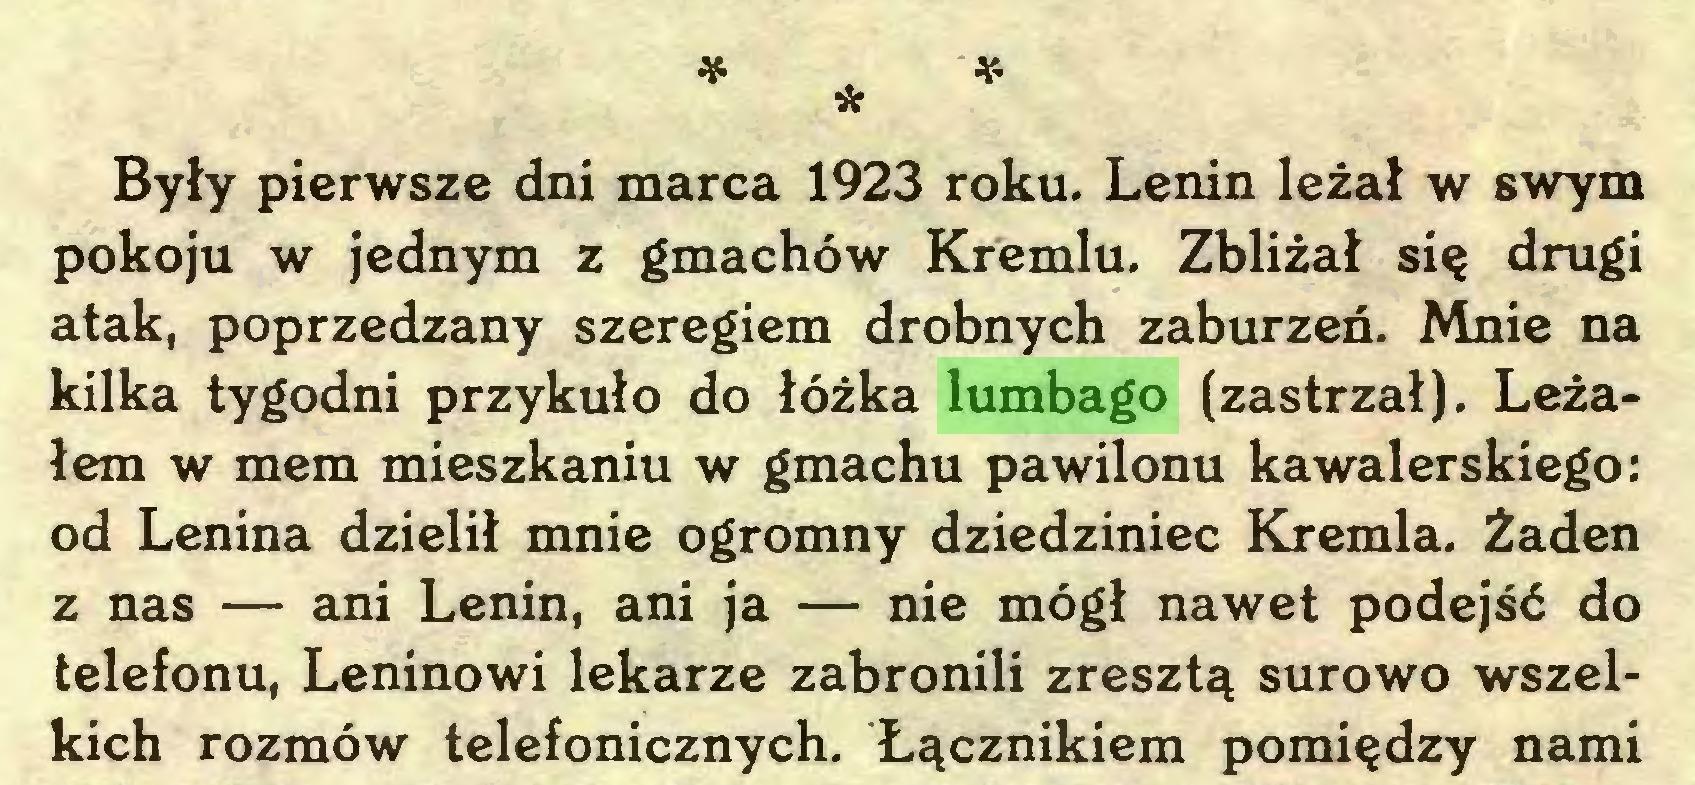 (...) * * * Były pierwsze dni marca 1923 roku. Lenin leżał w swym pokoju w jednym z gmachów Kremlu. Zbliżał się drugi atak, poprzedzany szeregiem drobnych zaburzeń. Mnie na kilka tygodni przykuło do łóżka lumbago (zastrzał). Leżałem w mem mieszkaniu w gmachu pawilonu kawalerskiego: od Lenina dzielił mnie ogromny dziedziniec Kremla. Żaden z nas — ani Lenin, ani ja — nie mógł nawet podejść do telefonu, Leninowi lekarze zabronili zresztą surowo wszelkich rozmów telefonicznych. Łącznikiem pomiędzy nami...